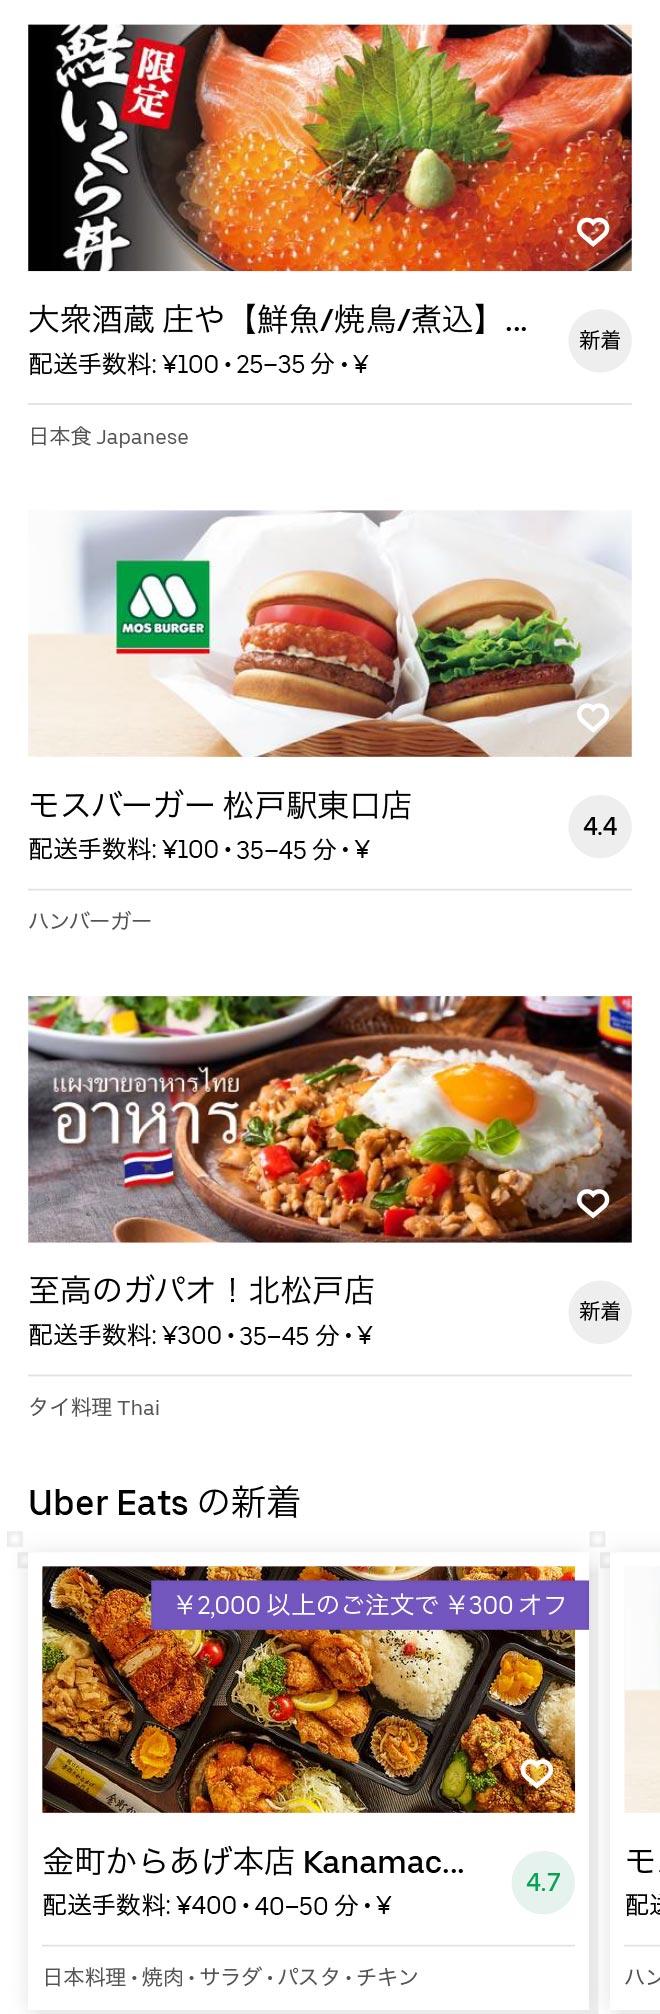 Matsudo menu 2007 02